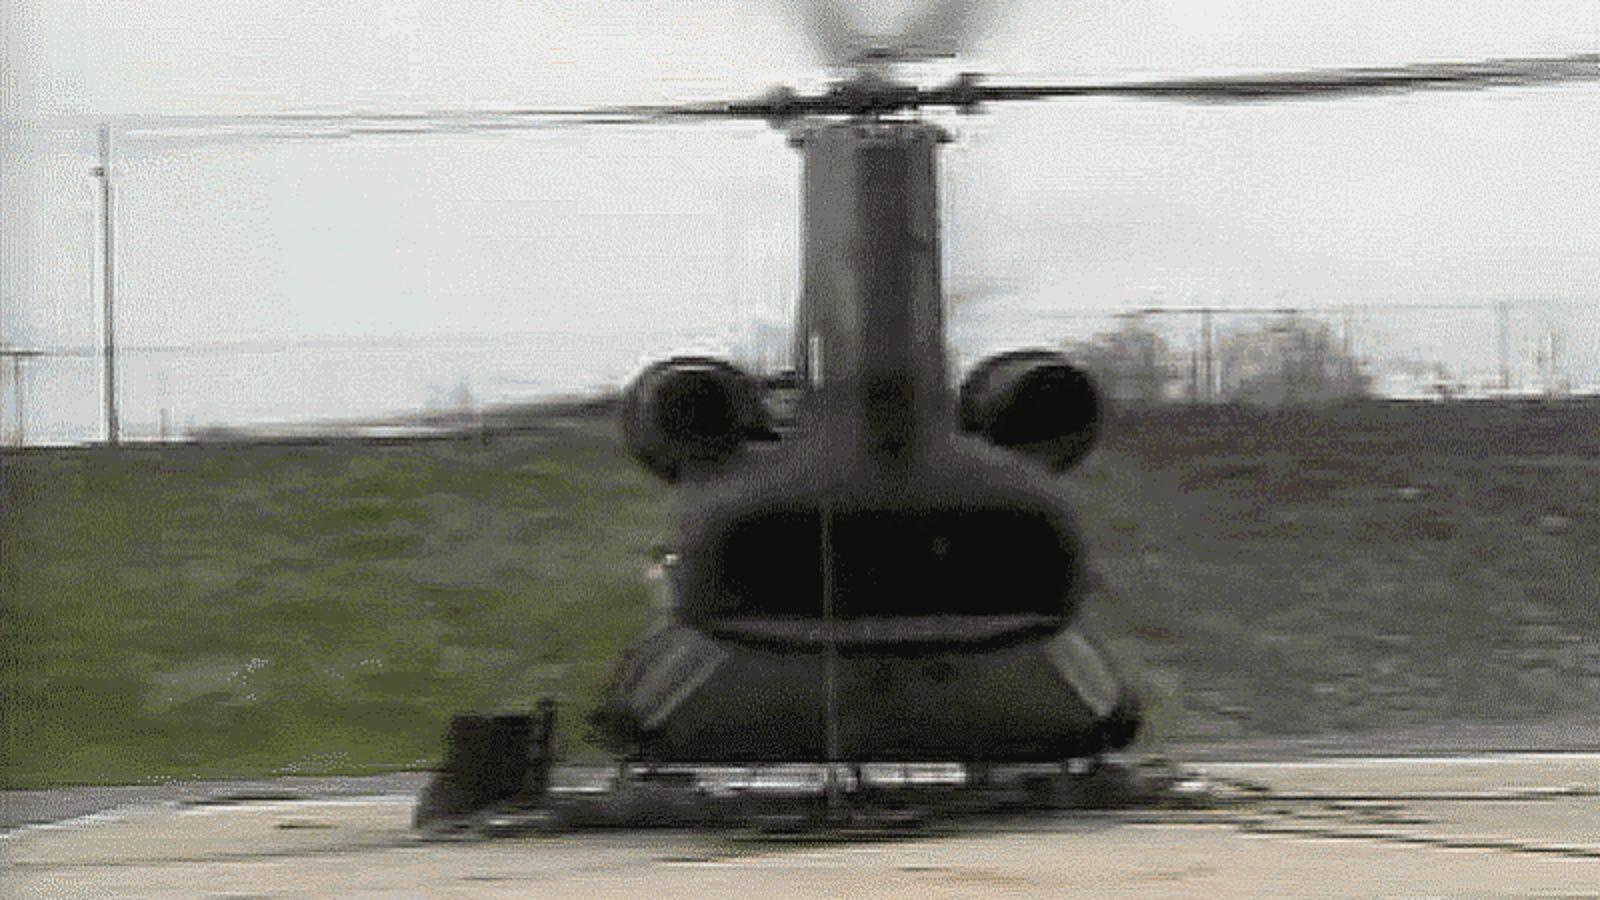 La increíble destrucción a la que se someten los helicópteros en pruebas de resistencia